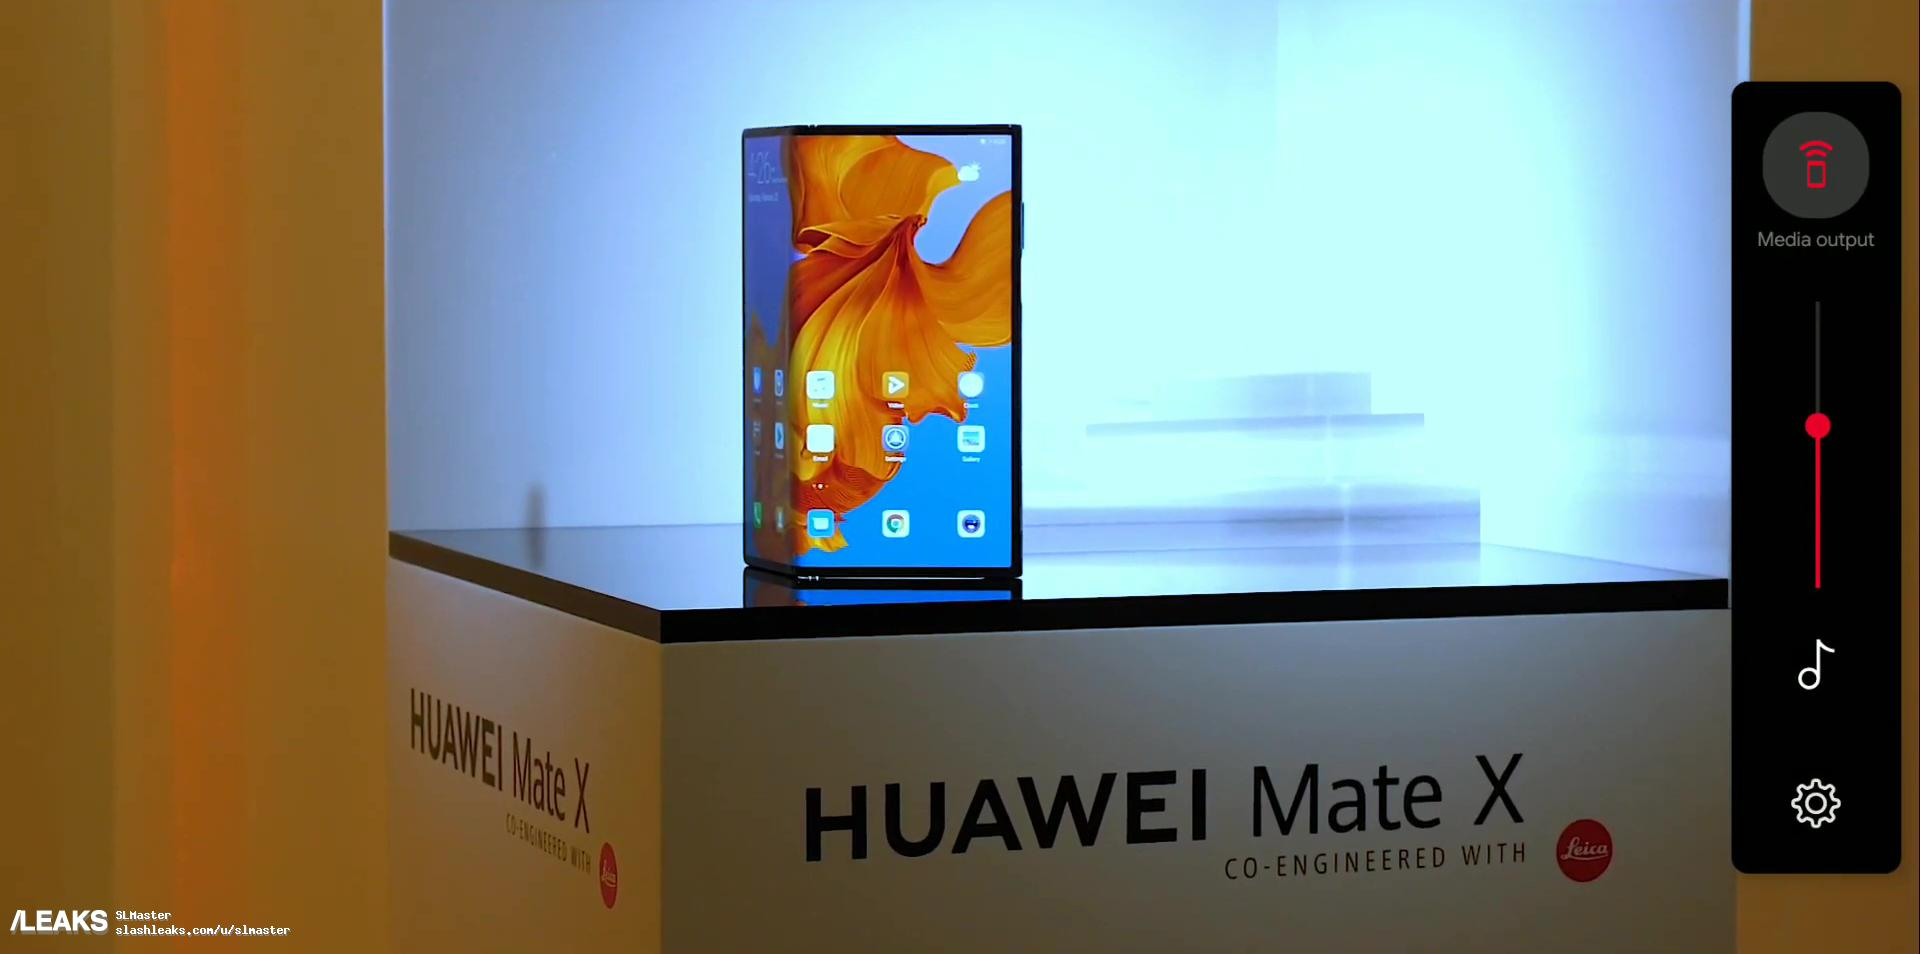 Na kilka godzin przed oficjalną premierą wyciekły zdjęcia i specyfikacja składanego smartfona Huawei 21